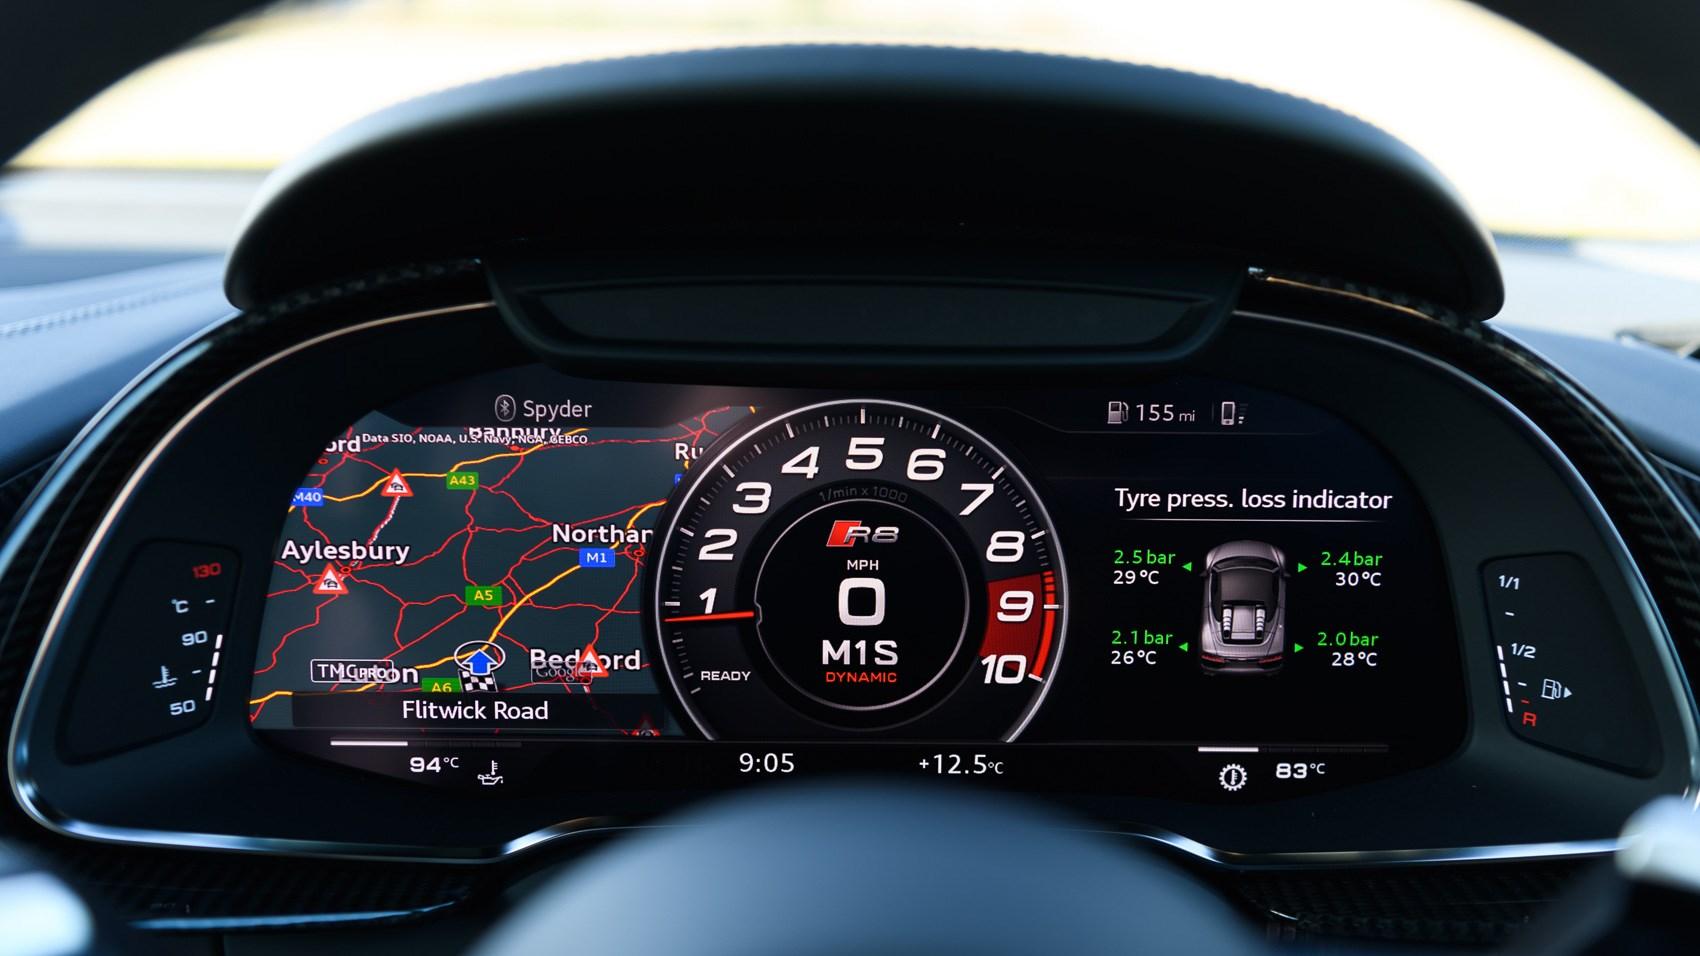 Audi R8 V10 Spyder 2017 Review Car